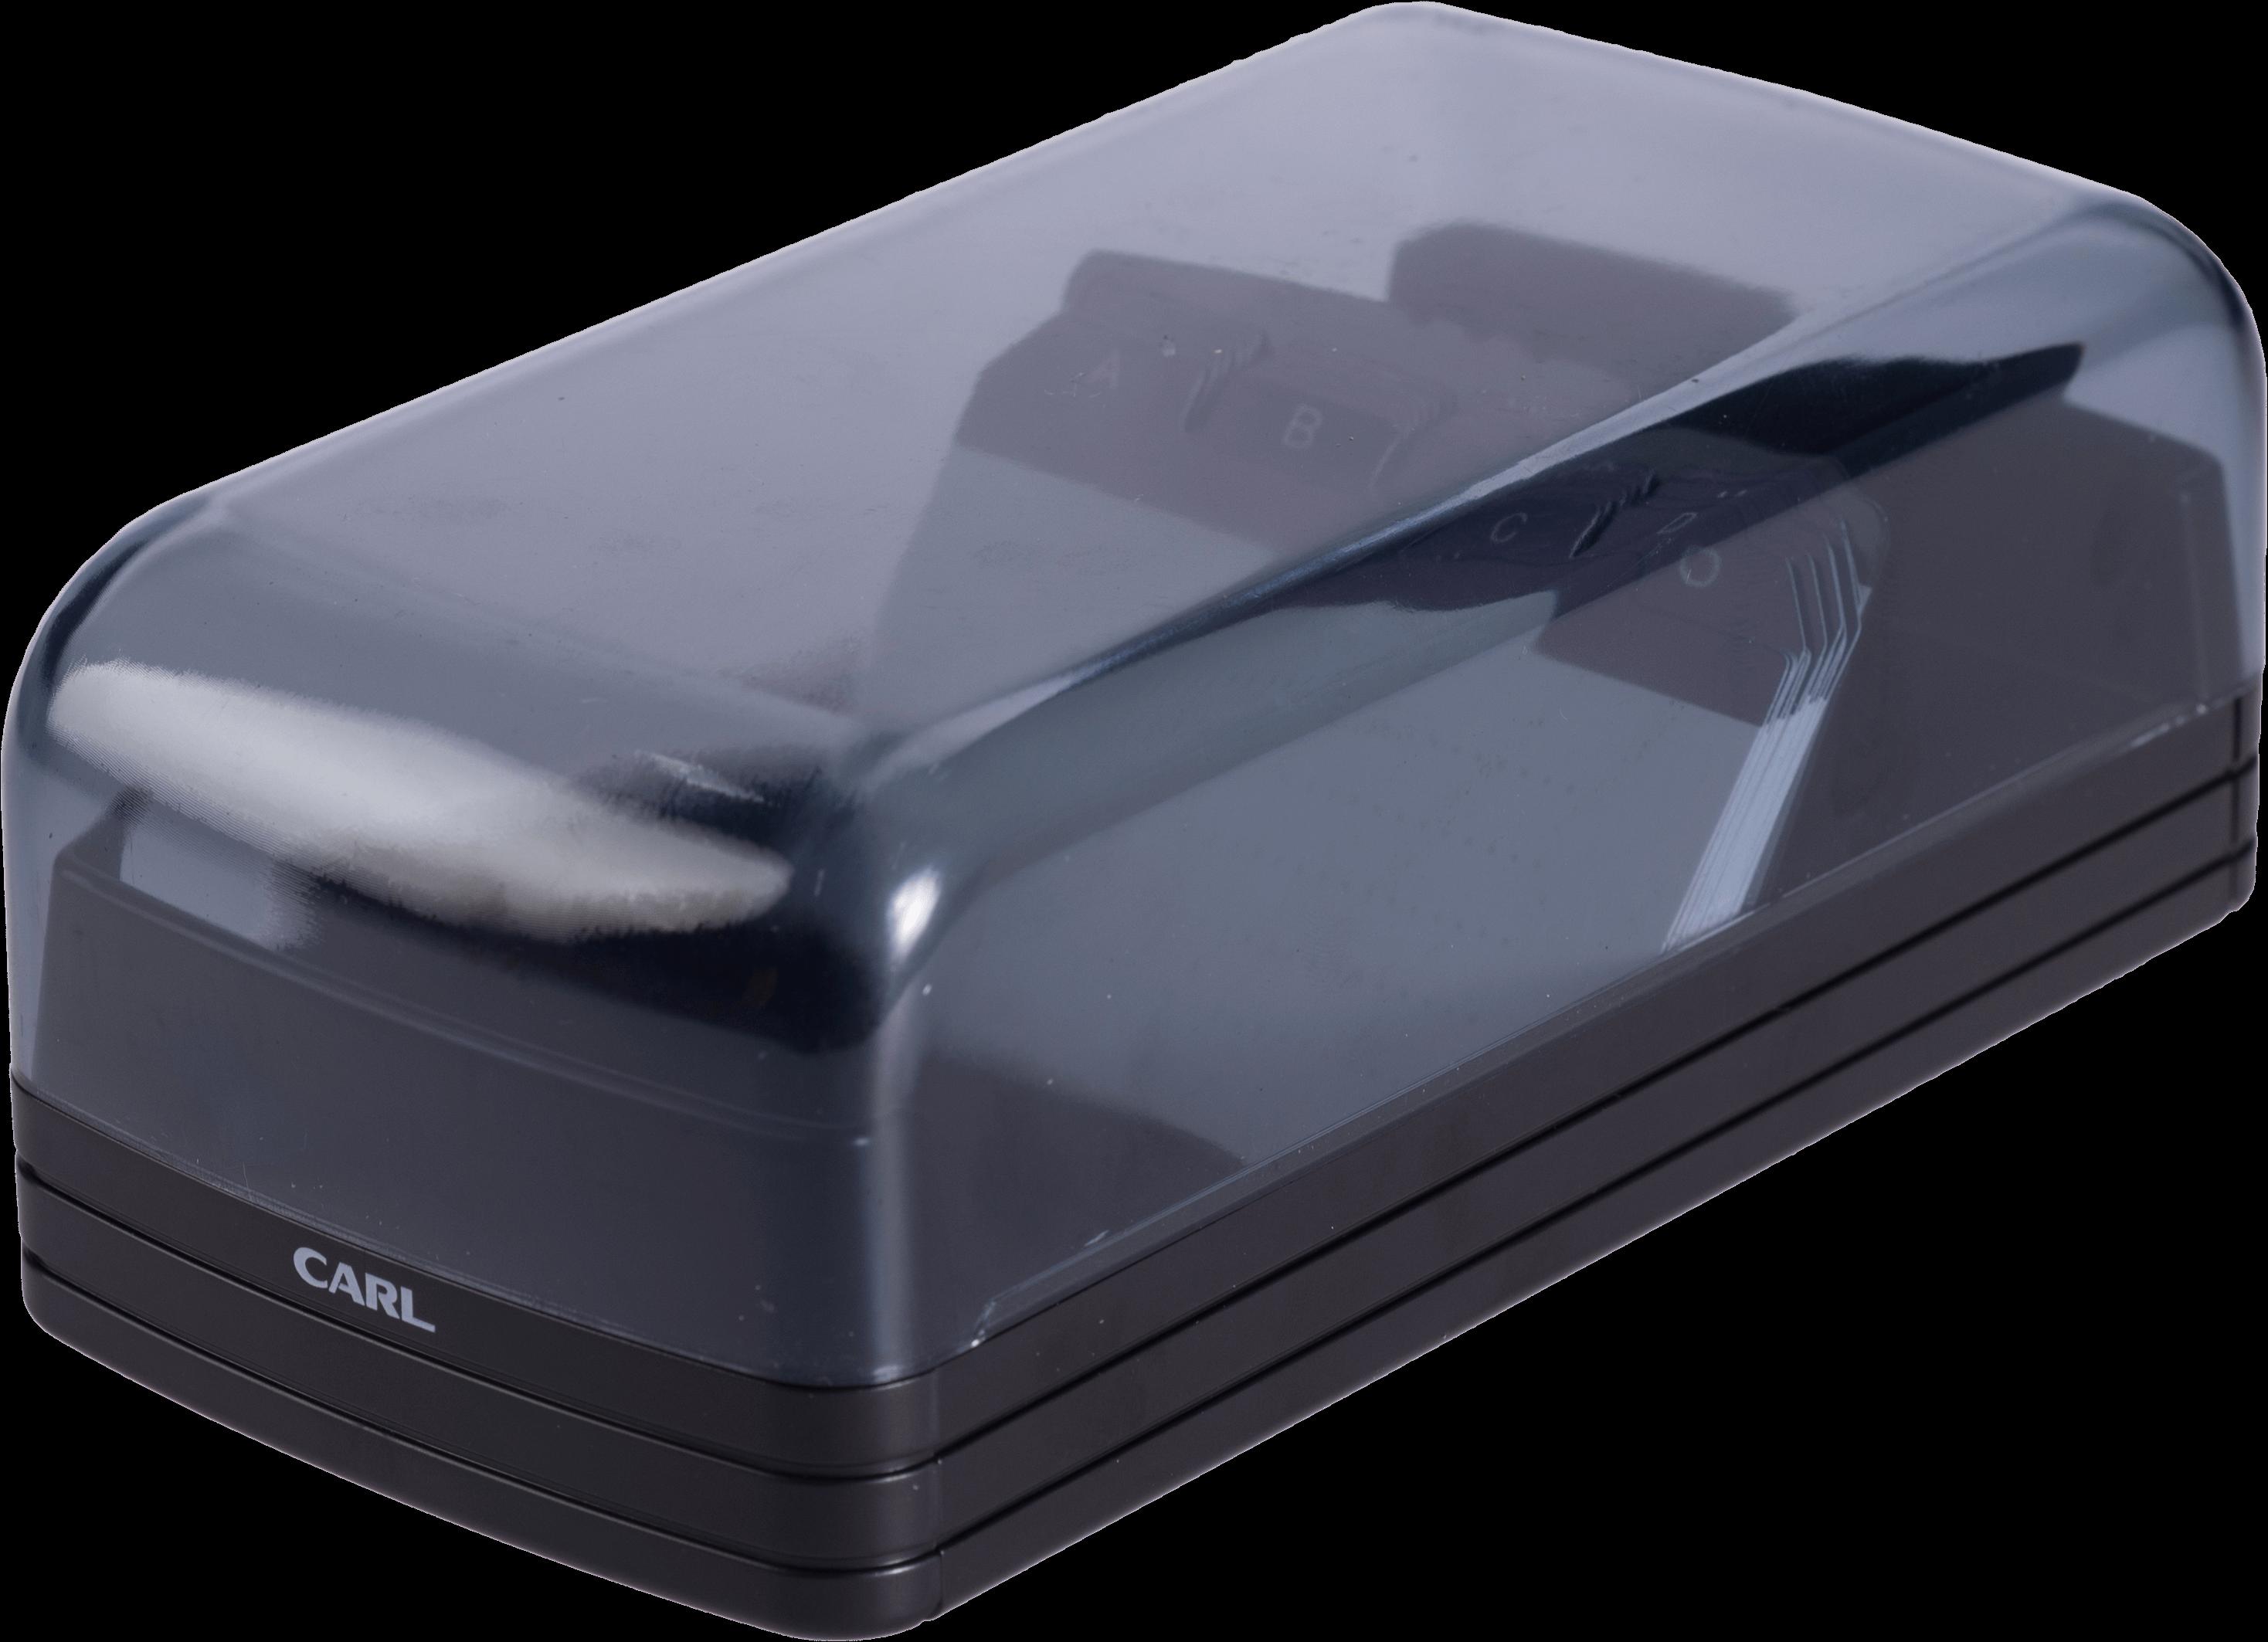 กล่องใส่นามบัตร Carl 860 (600ใบ)